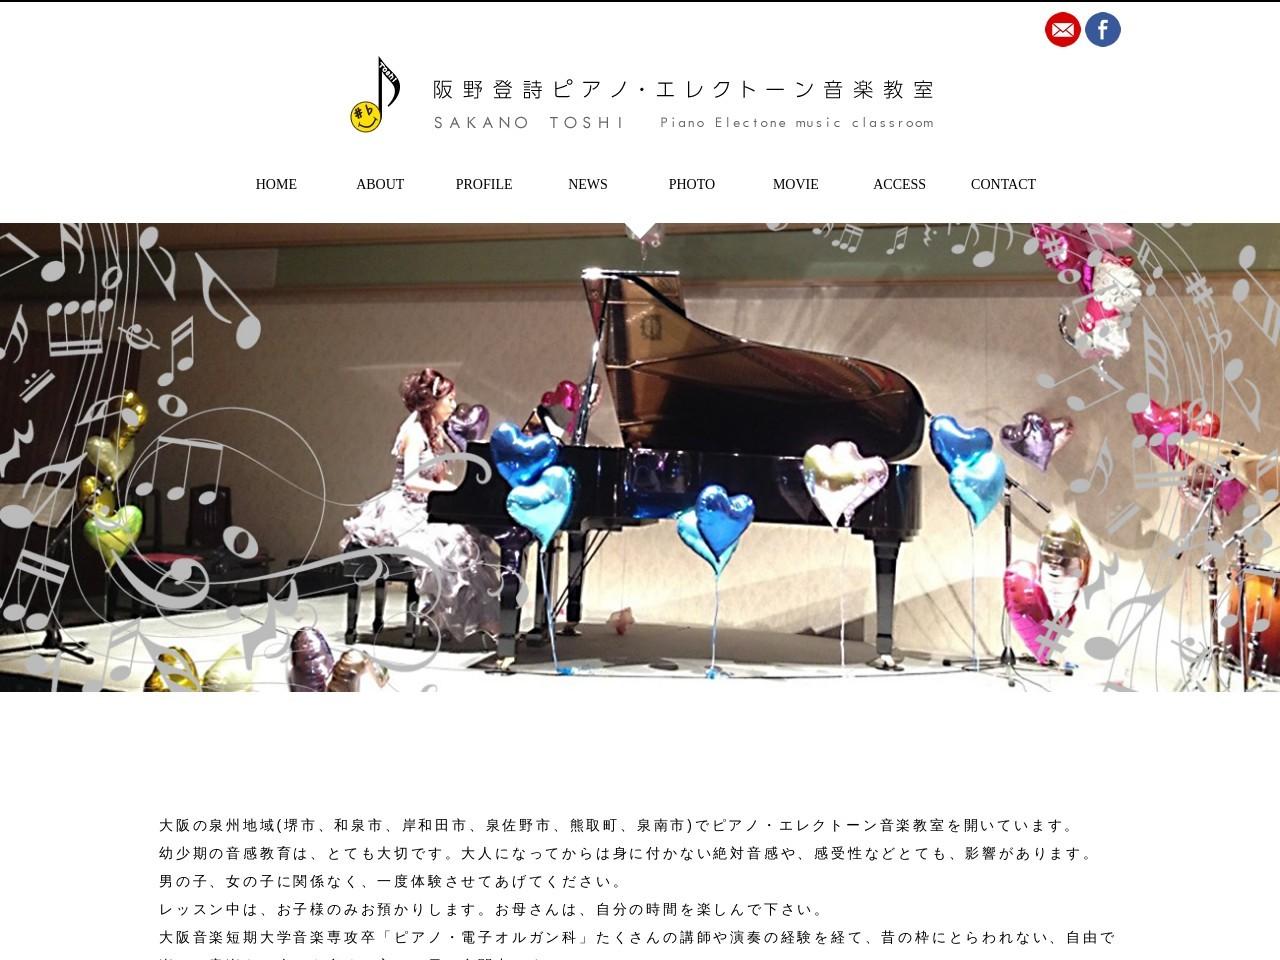 阪野登詩ピアノ・エレクトーン音楽教室のサムネイル